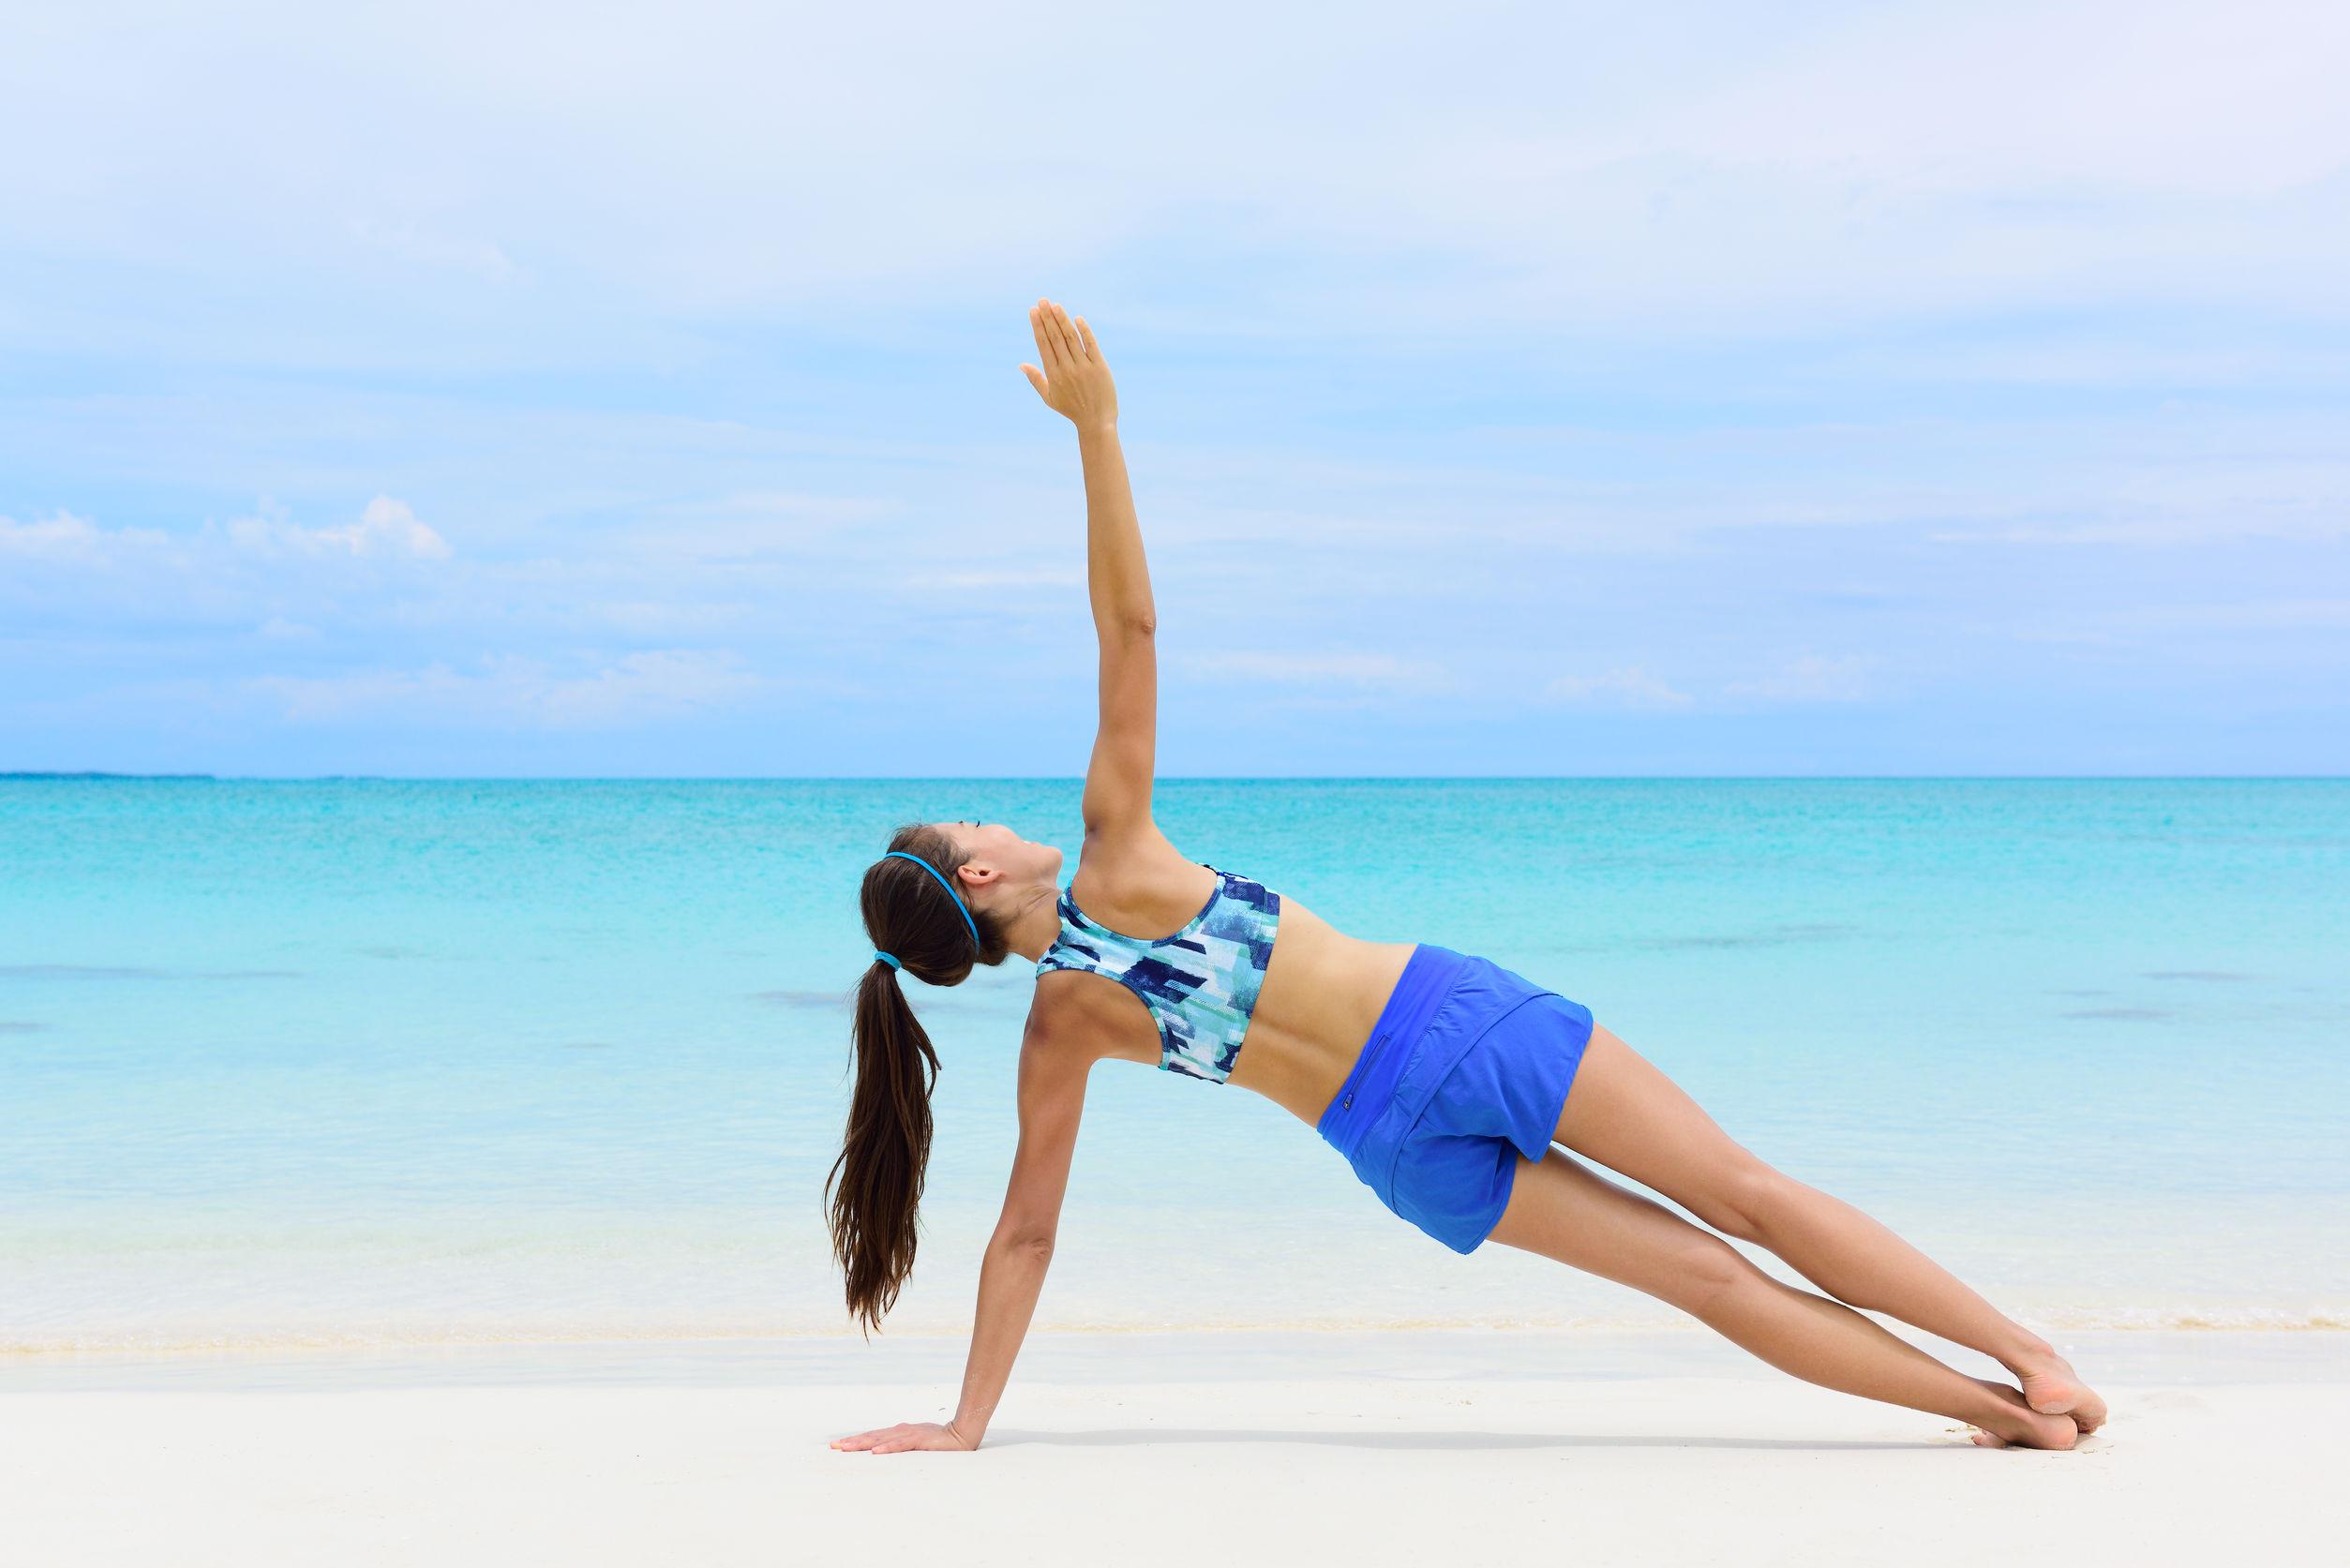 mulher na beira da praia praticando exercícios para o quadril